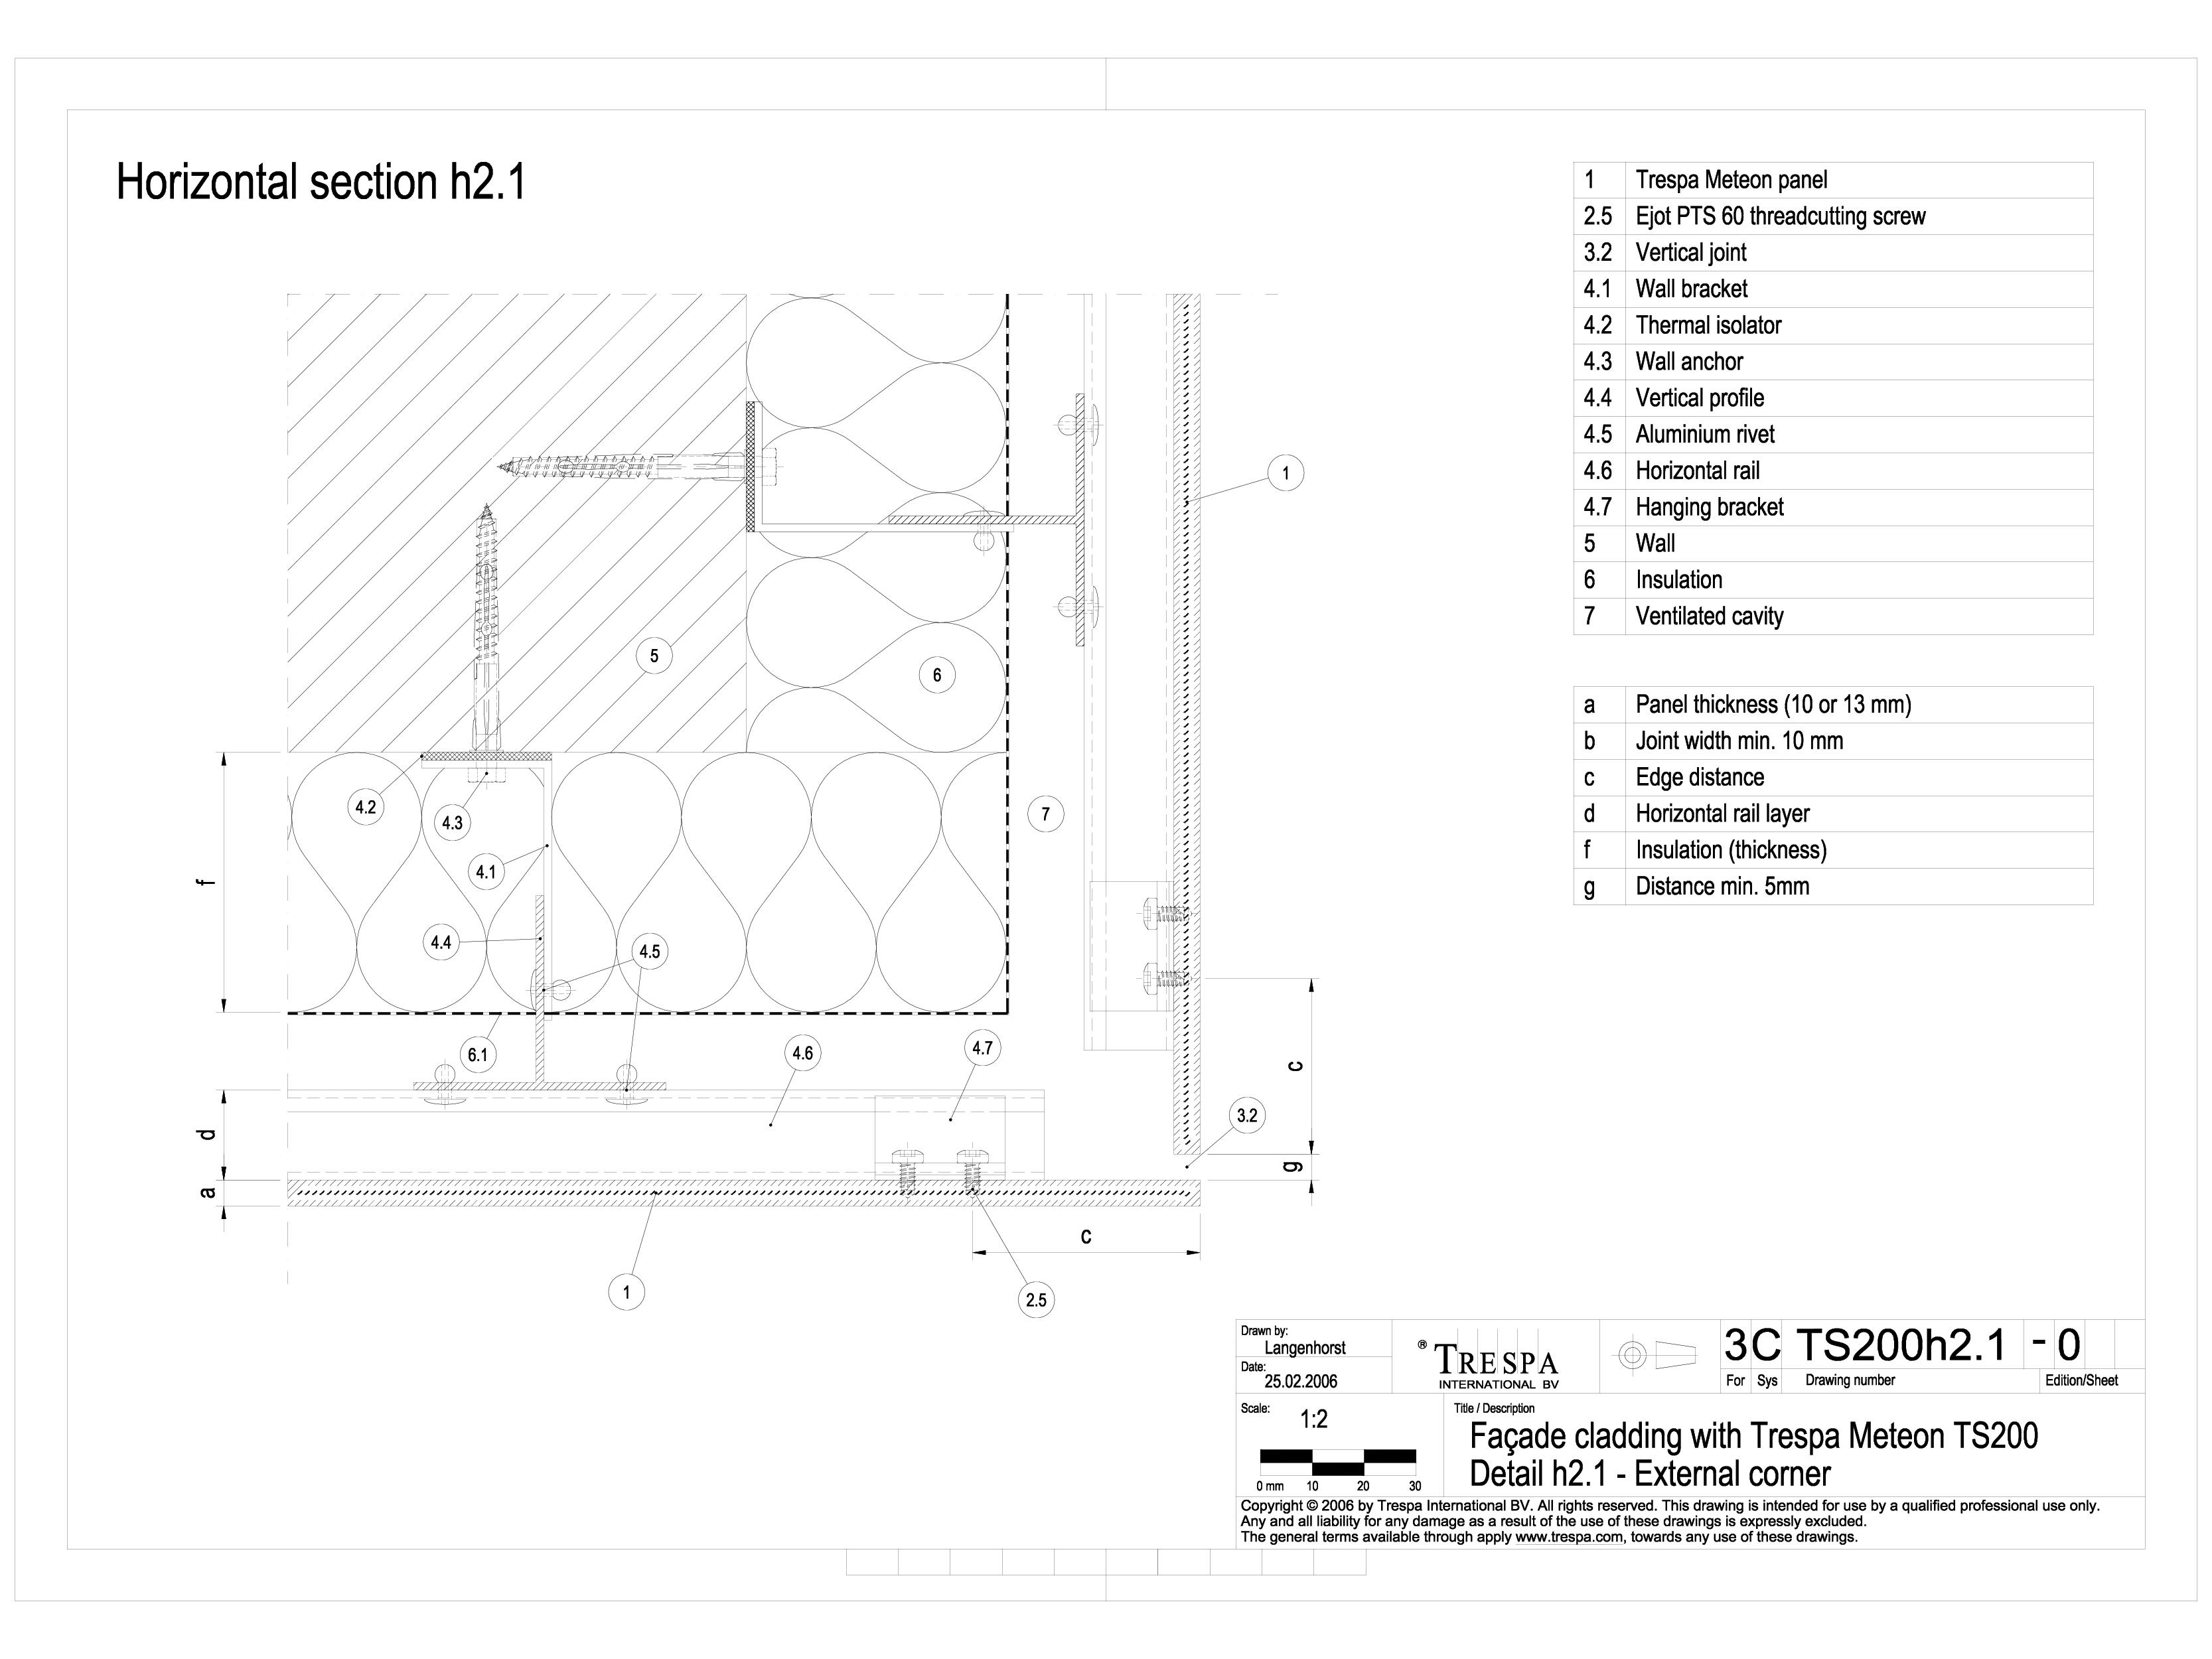 Sisteme de prindere fatade ventilate invizibile cu suruburi si insereturi, detaliu colt exterior METEON TRESPA Placi HPL pentru fatade ventilate GIBB TECHNOLOGIES  - Pagina 1